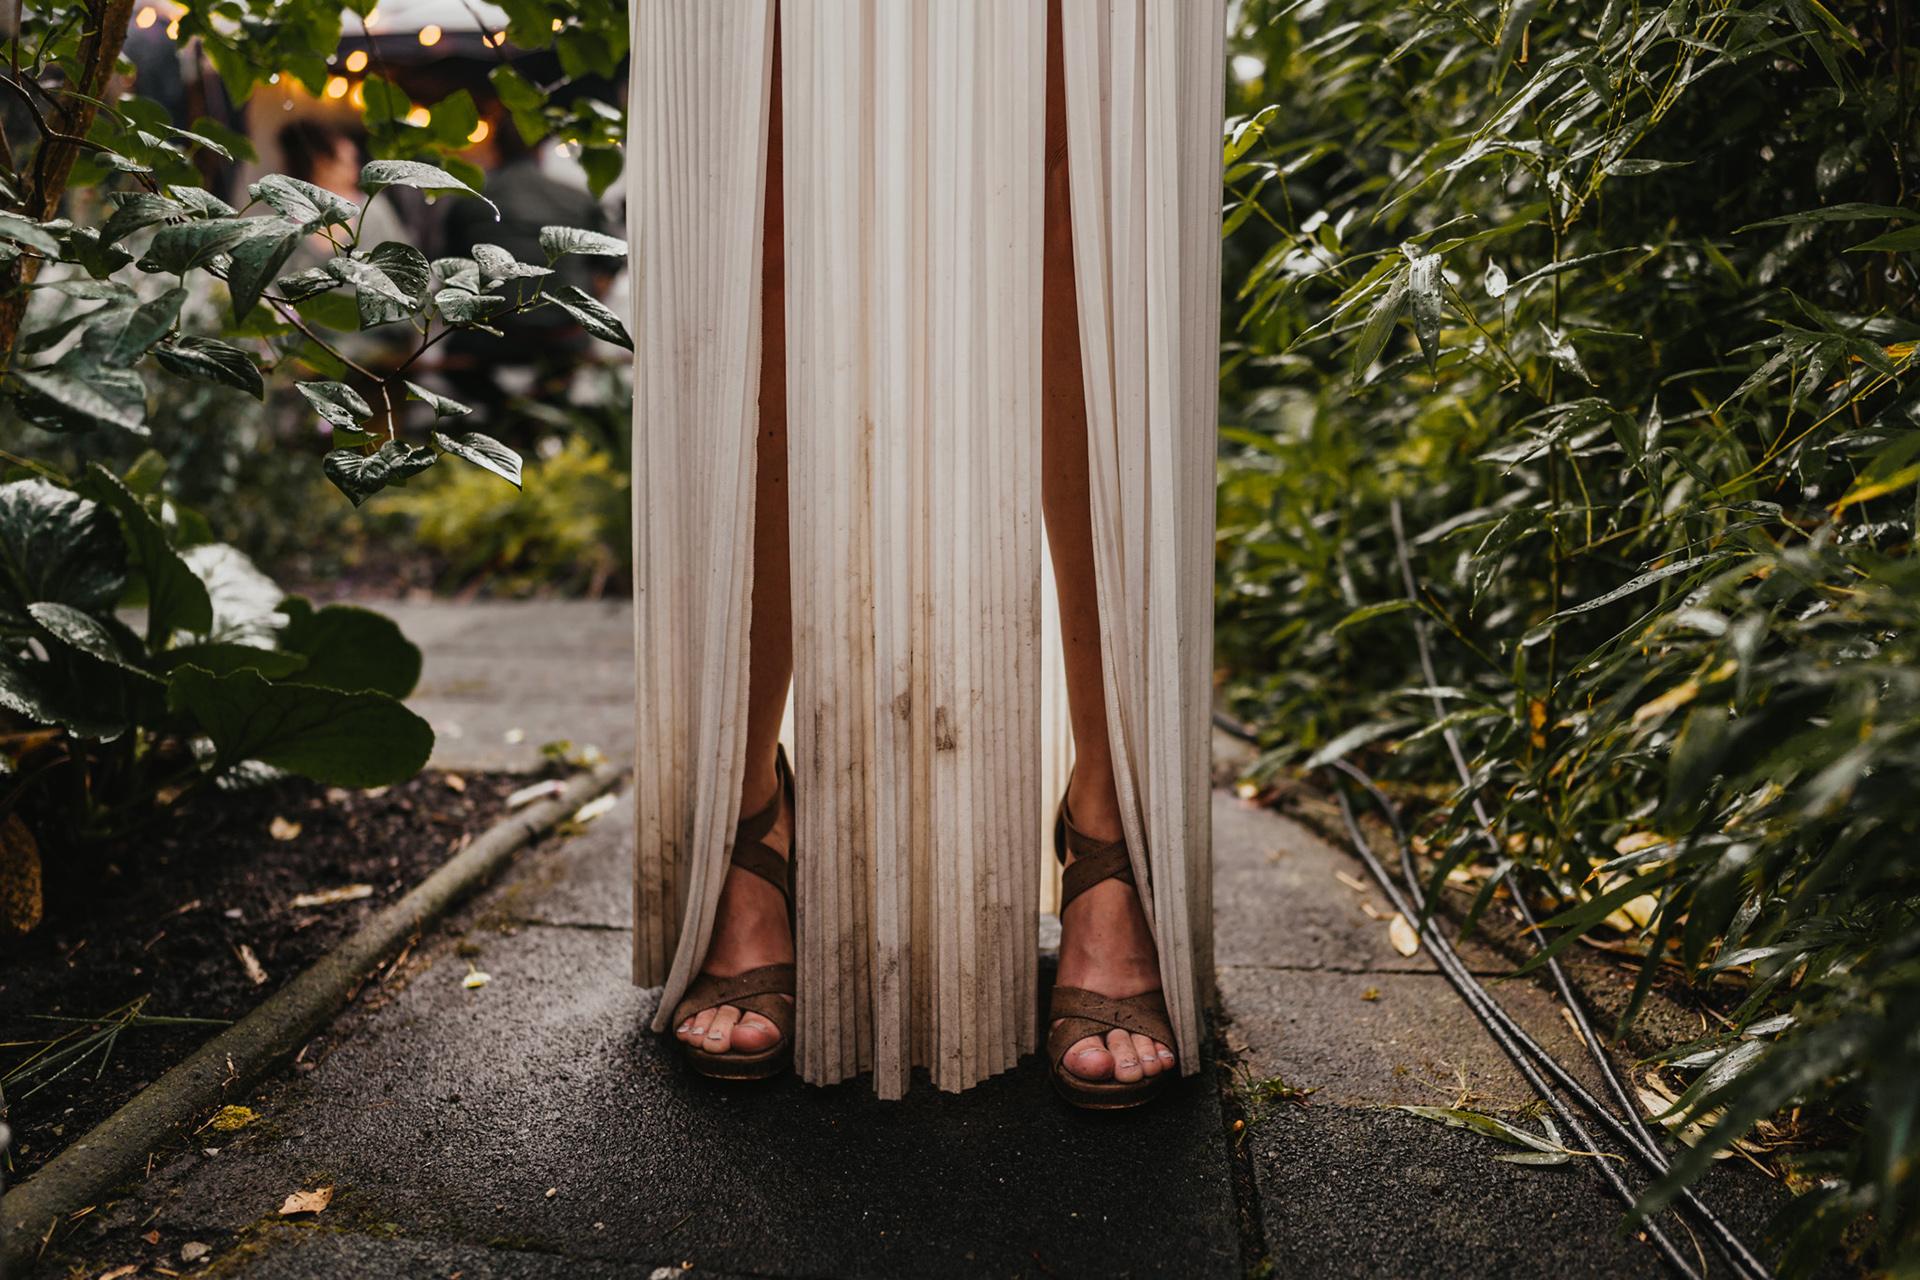 Gartenhochzeit Detailbild - Deutschland | Ein bisschen Schlamm kann das Leuchten einer Braut nicht trüben